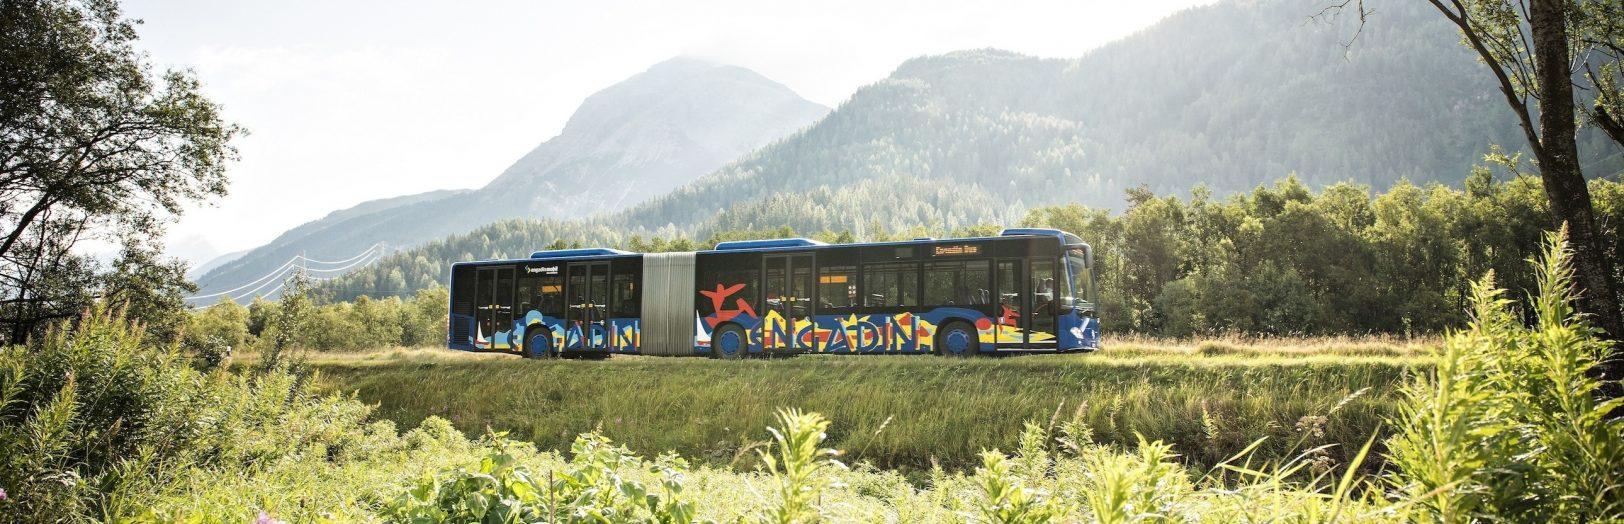 Engadin Bus Gelenkbus